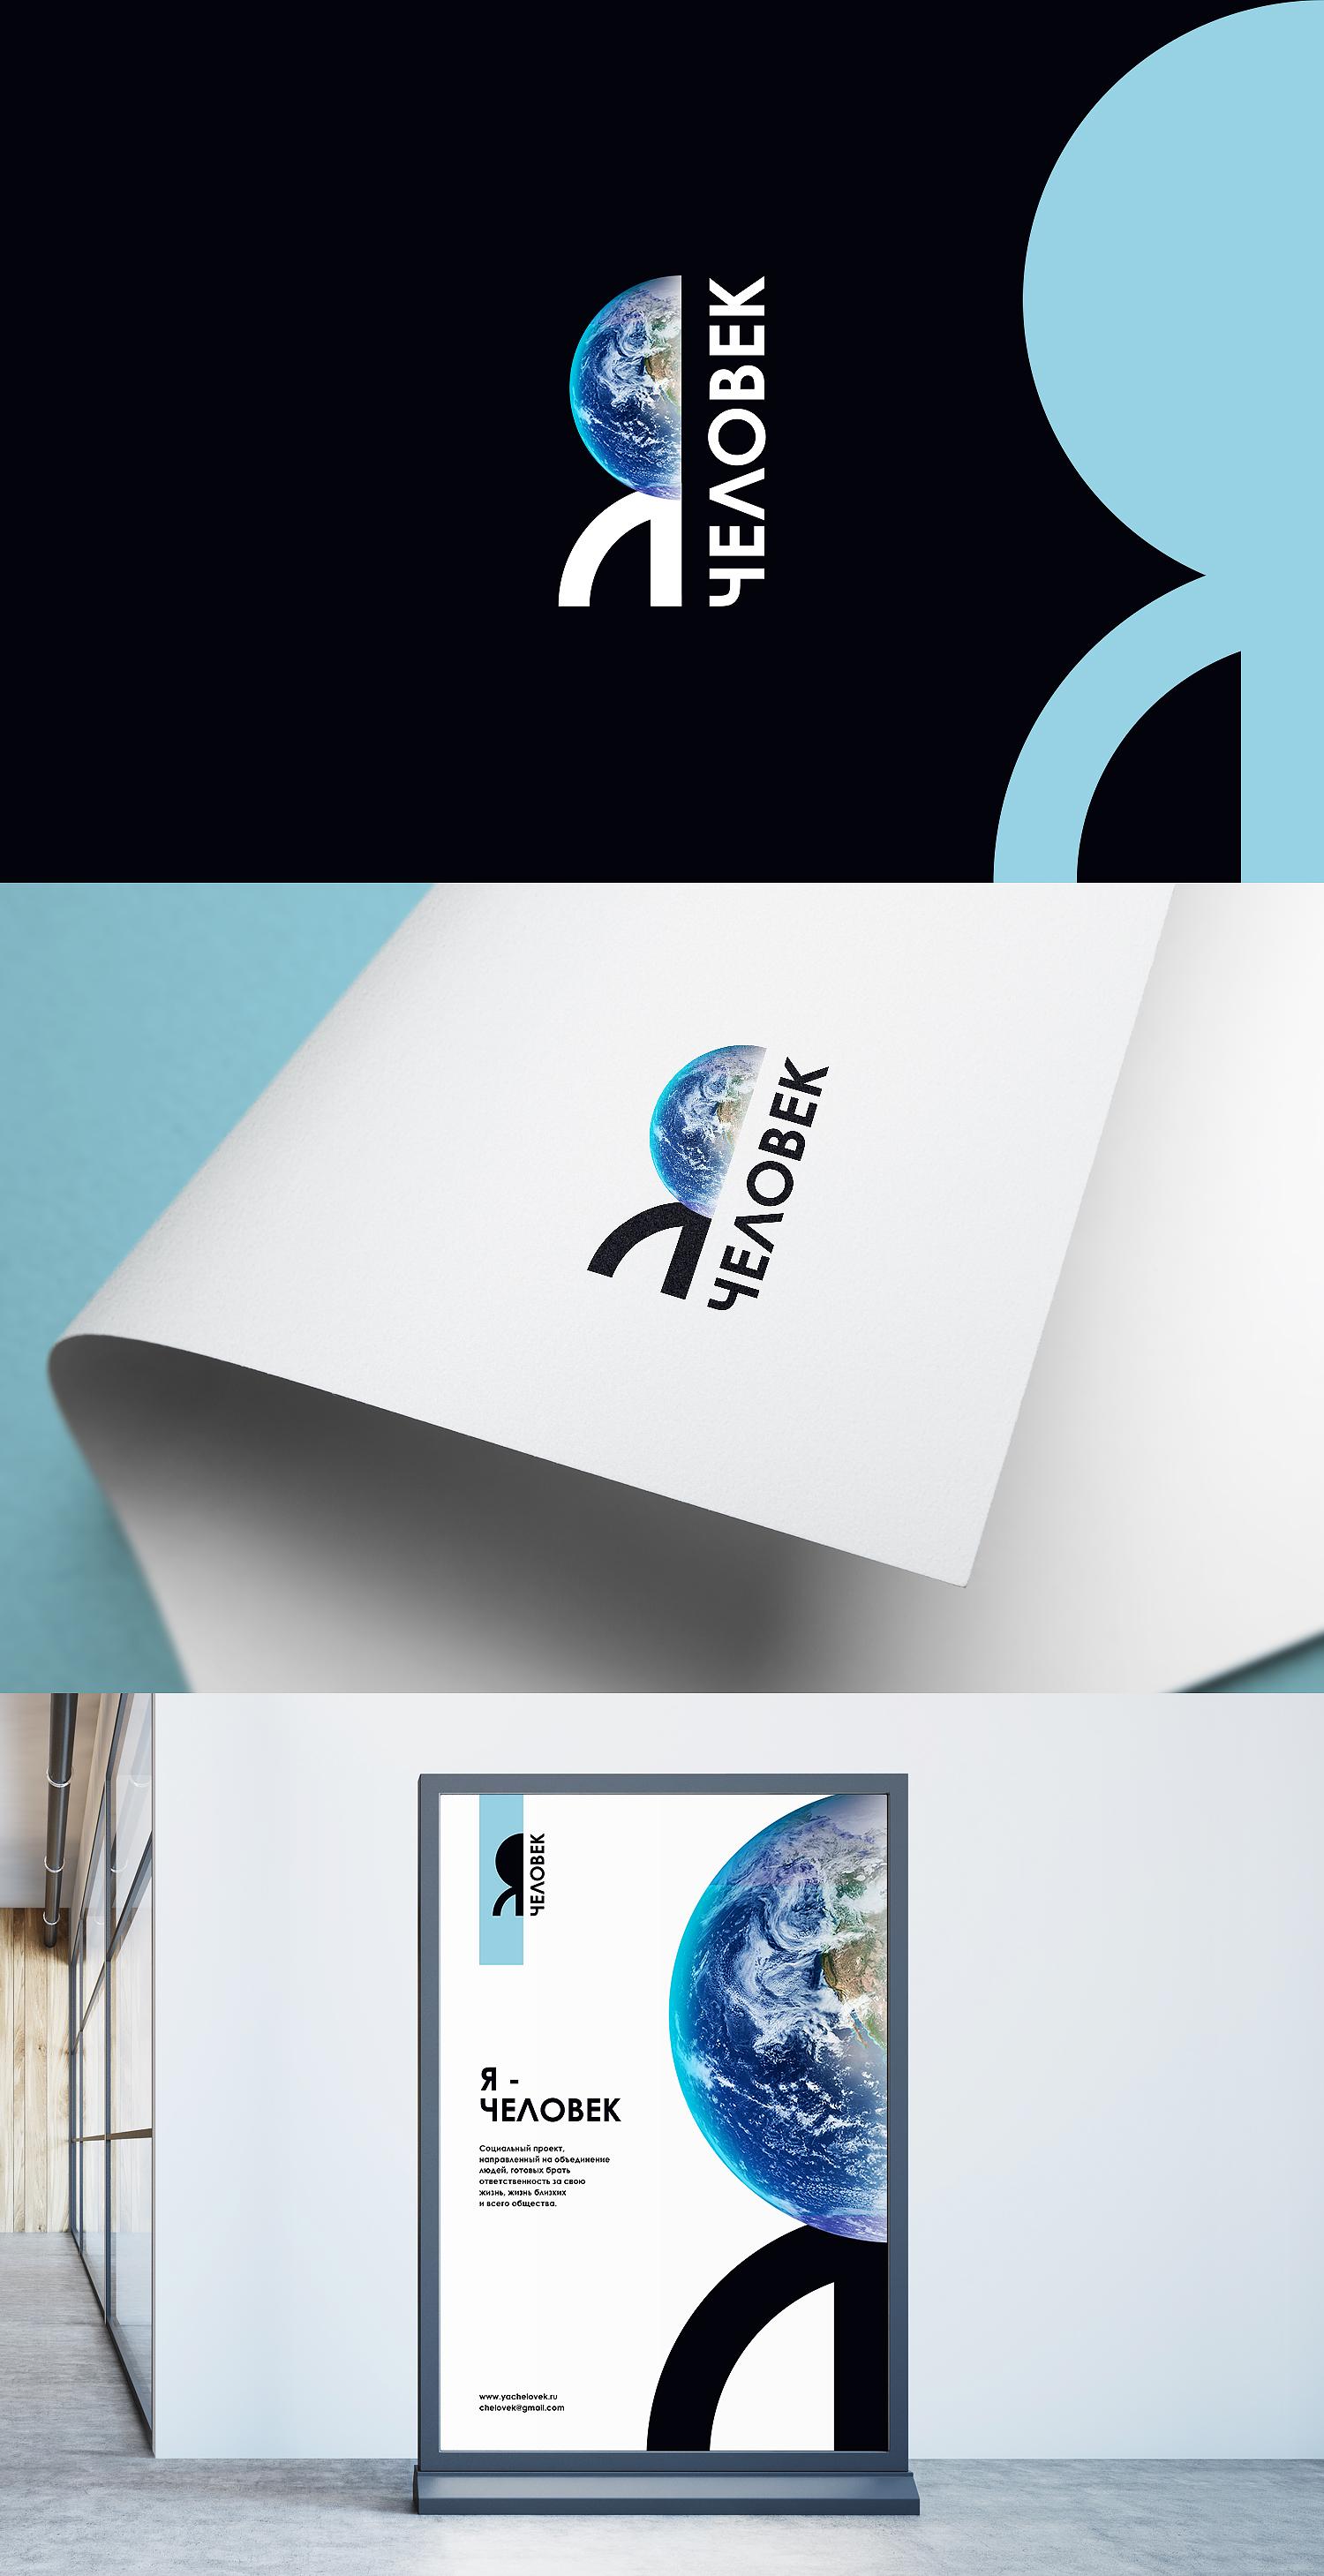 Конкурс на создание логотипа фото f_3075d235e8b5199b.jpg